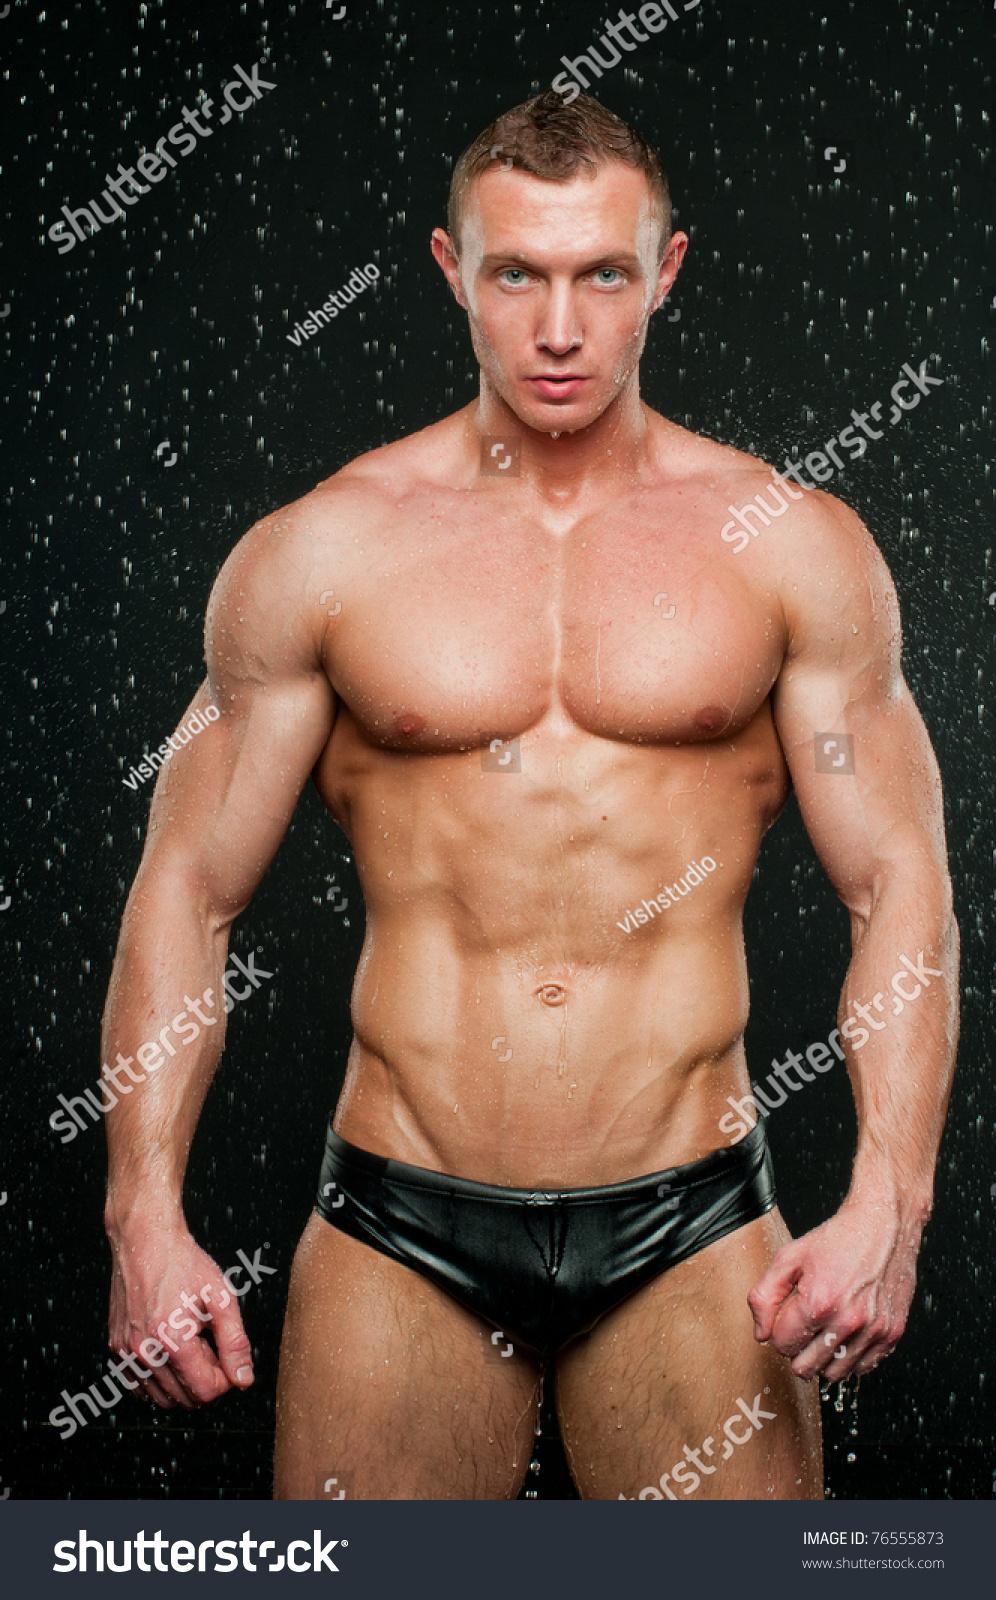 Фото голых полных мужчин 13 фотография